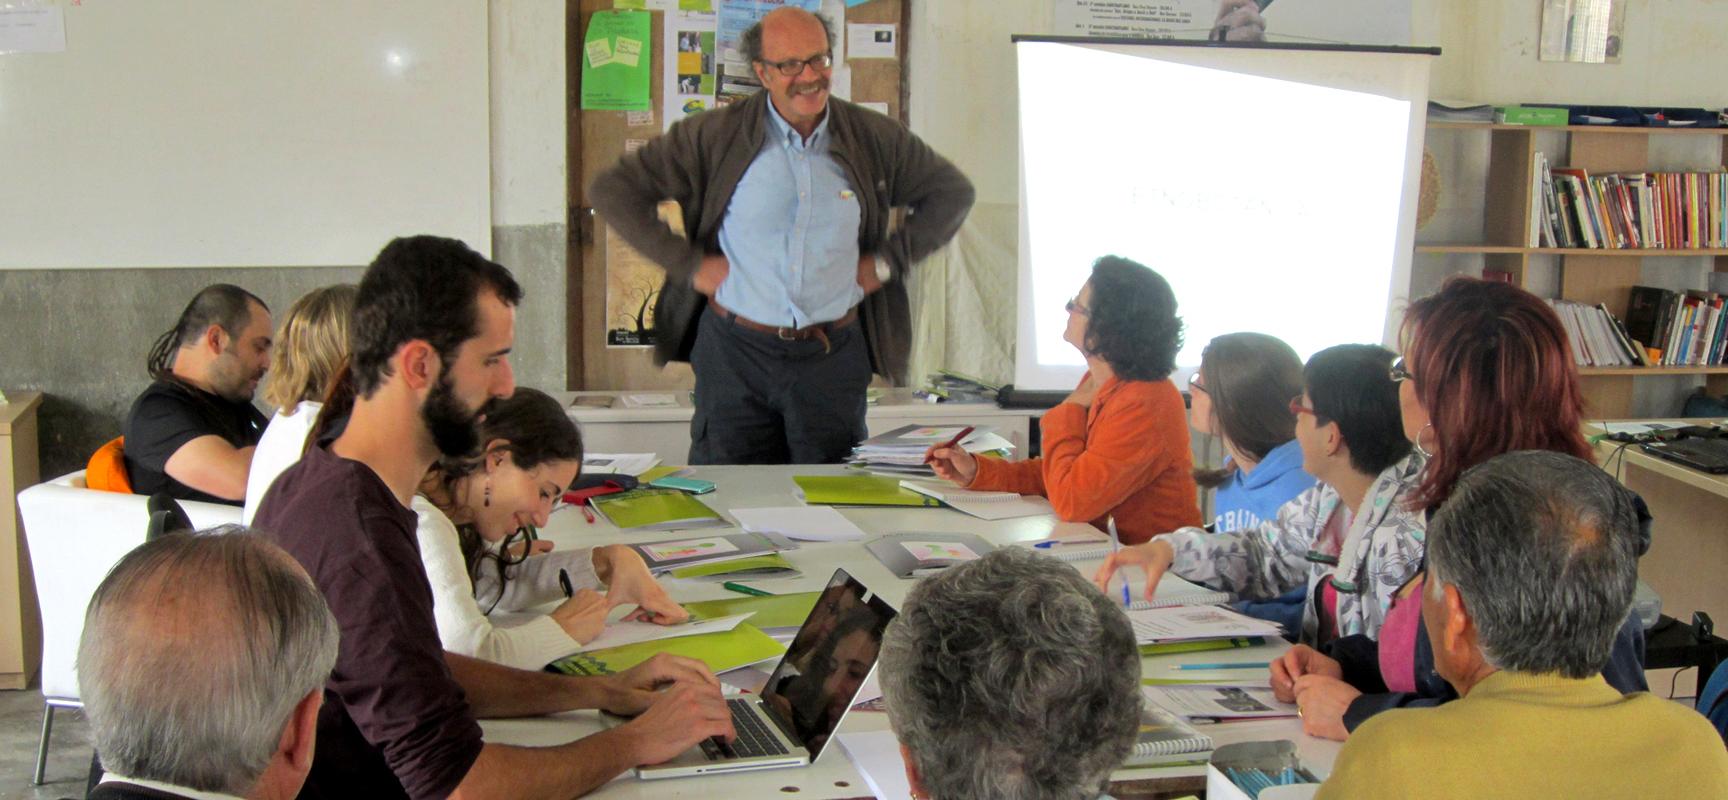 Alumnos y profesor durante el inicio de la actividad formativa esta mañana.